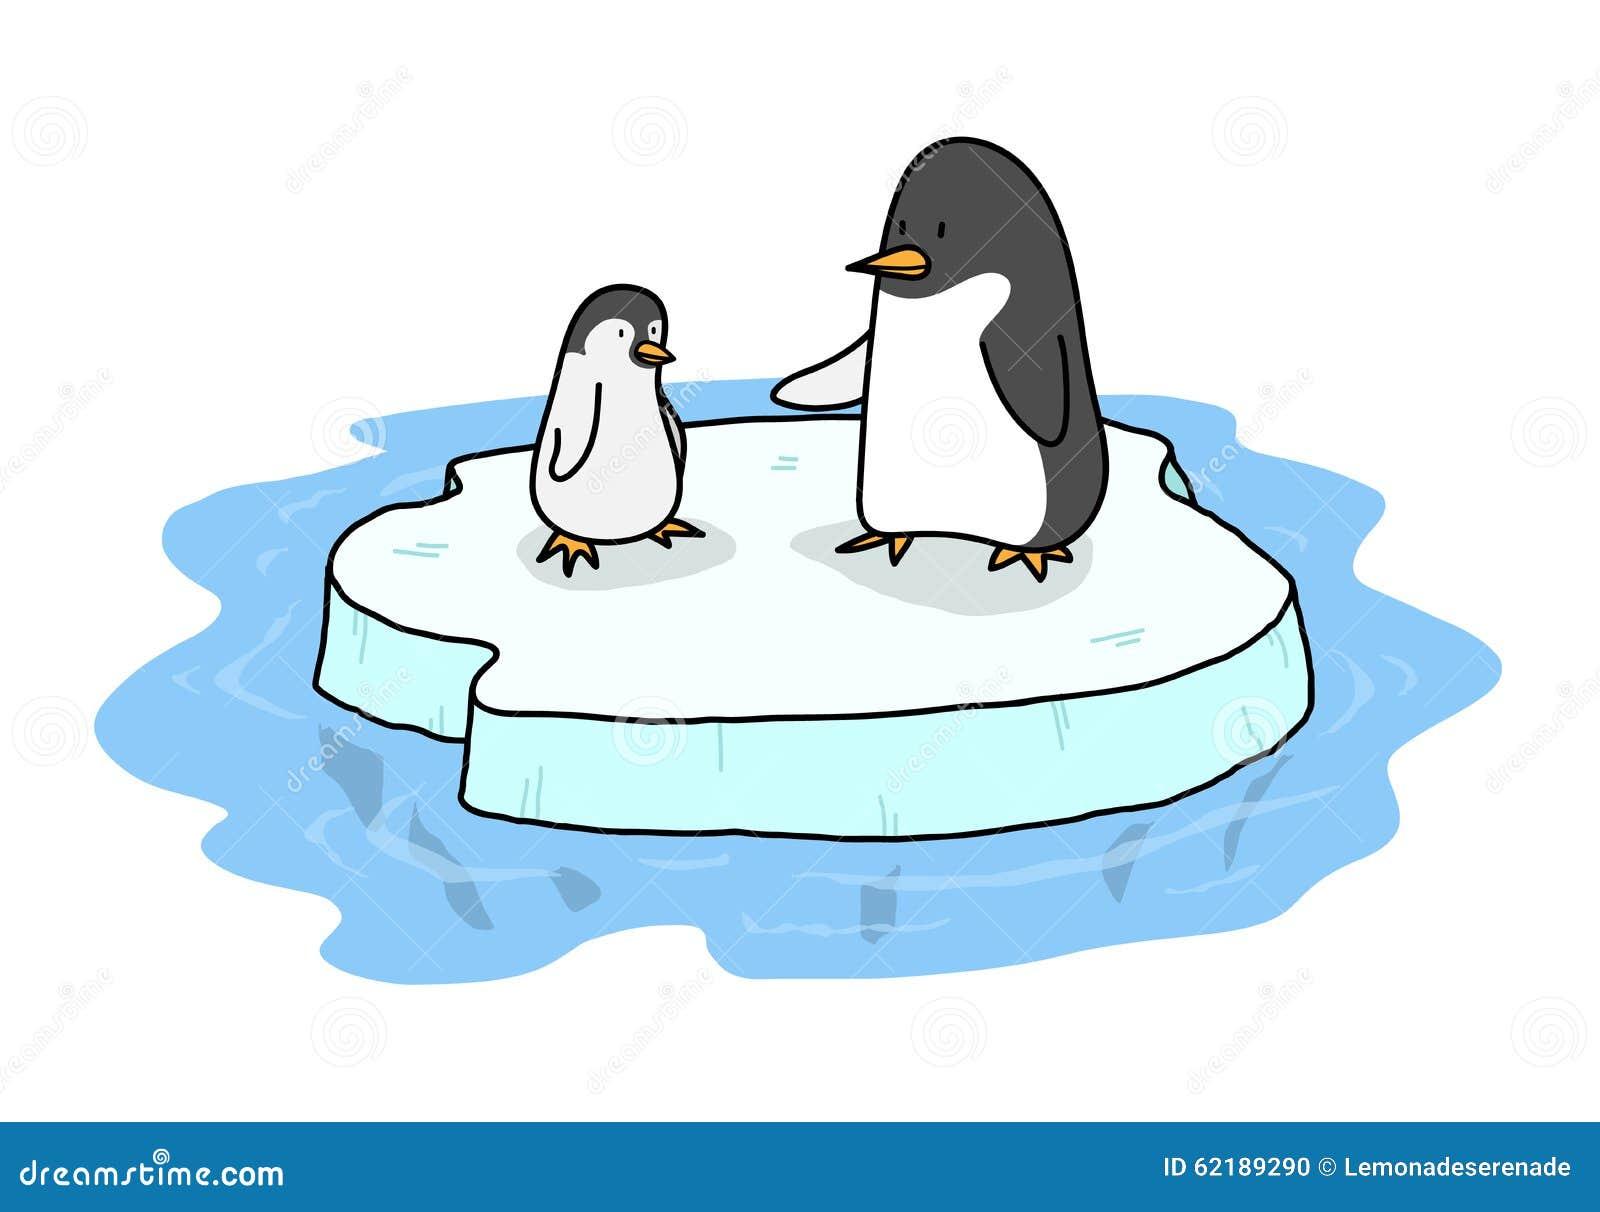 Penguins on ice stock vector illustration of easy for Clipart iceberg